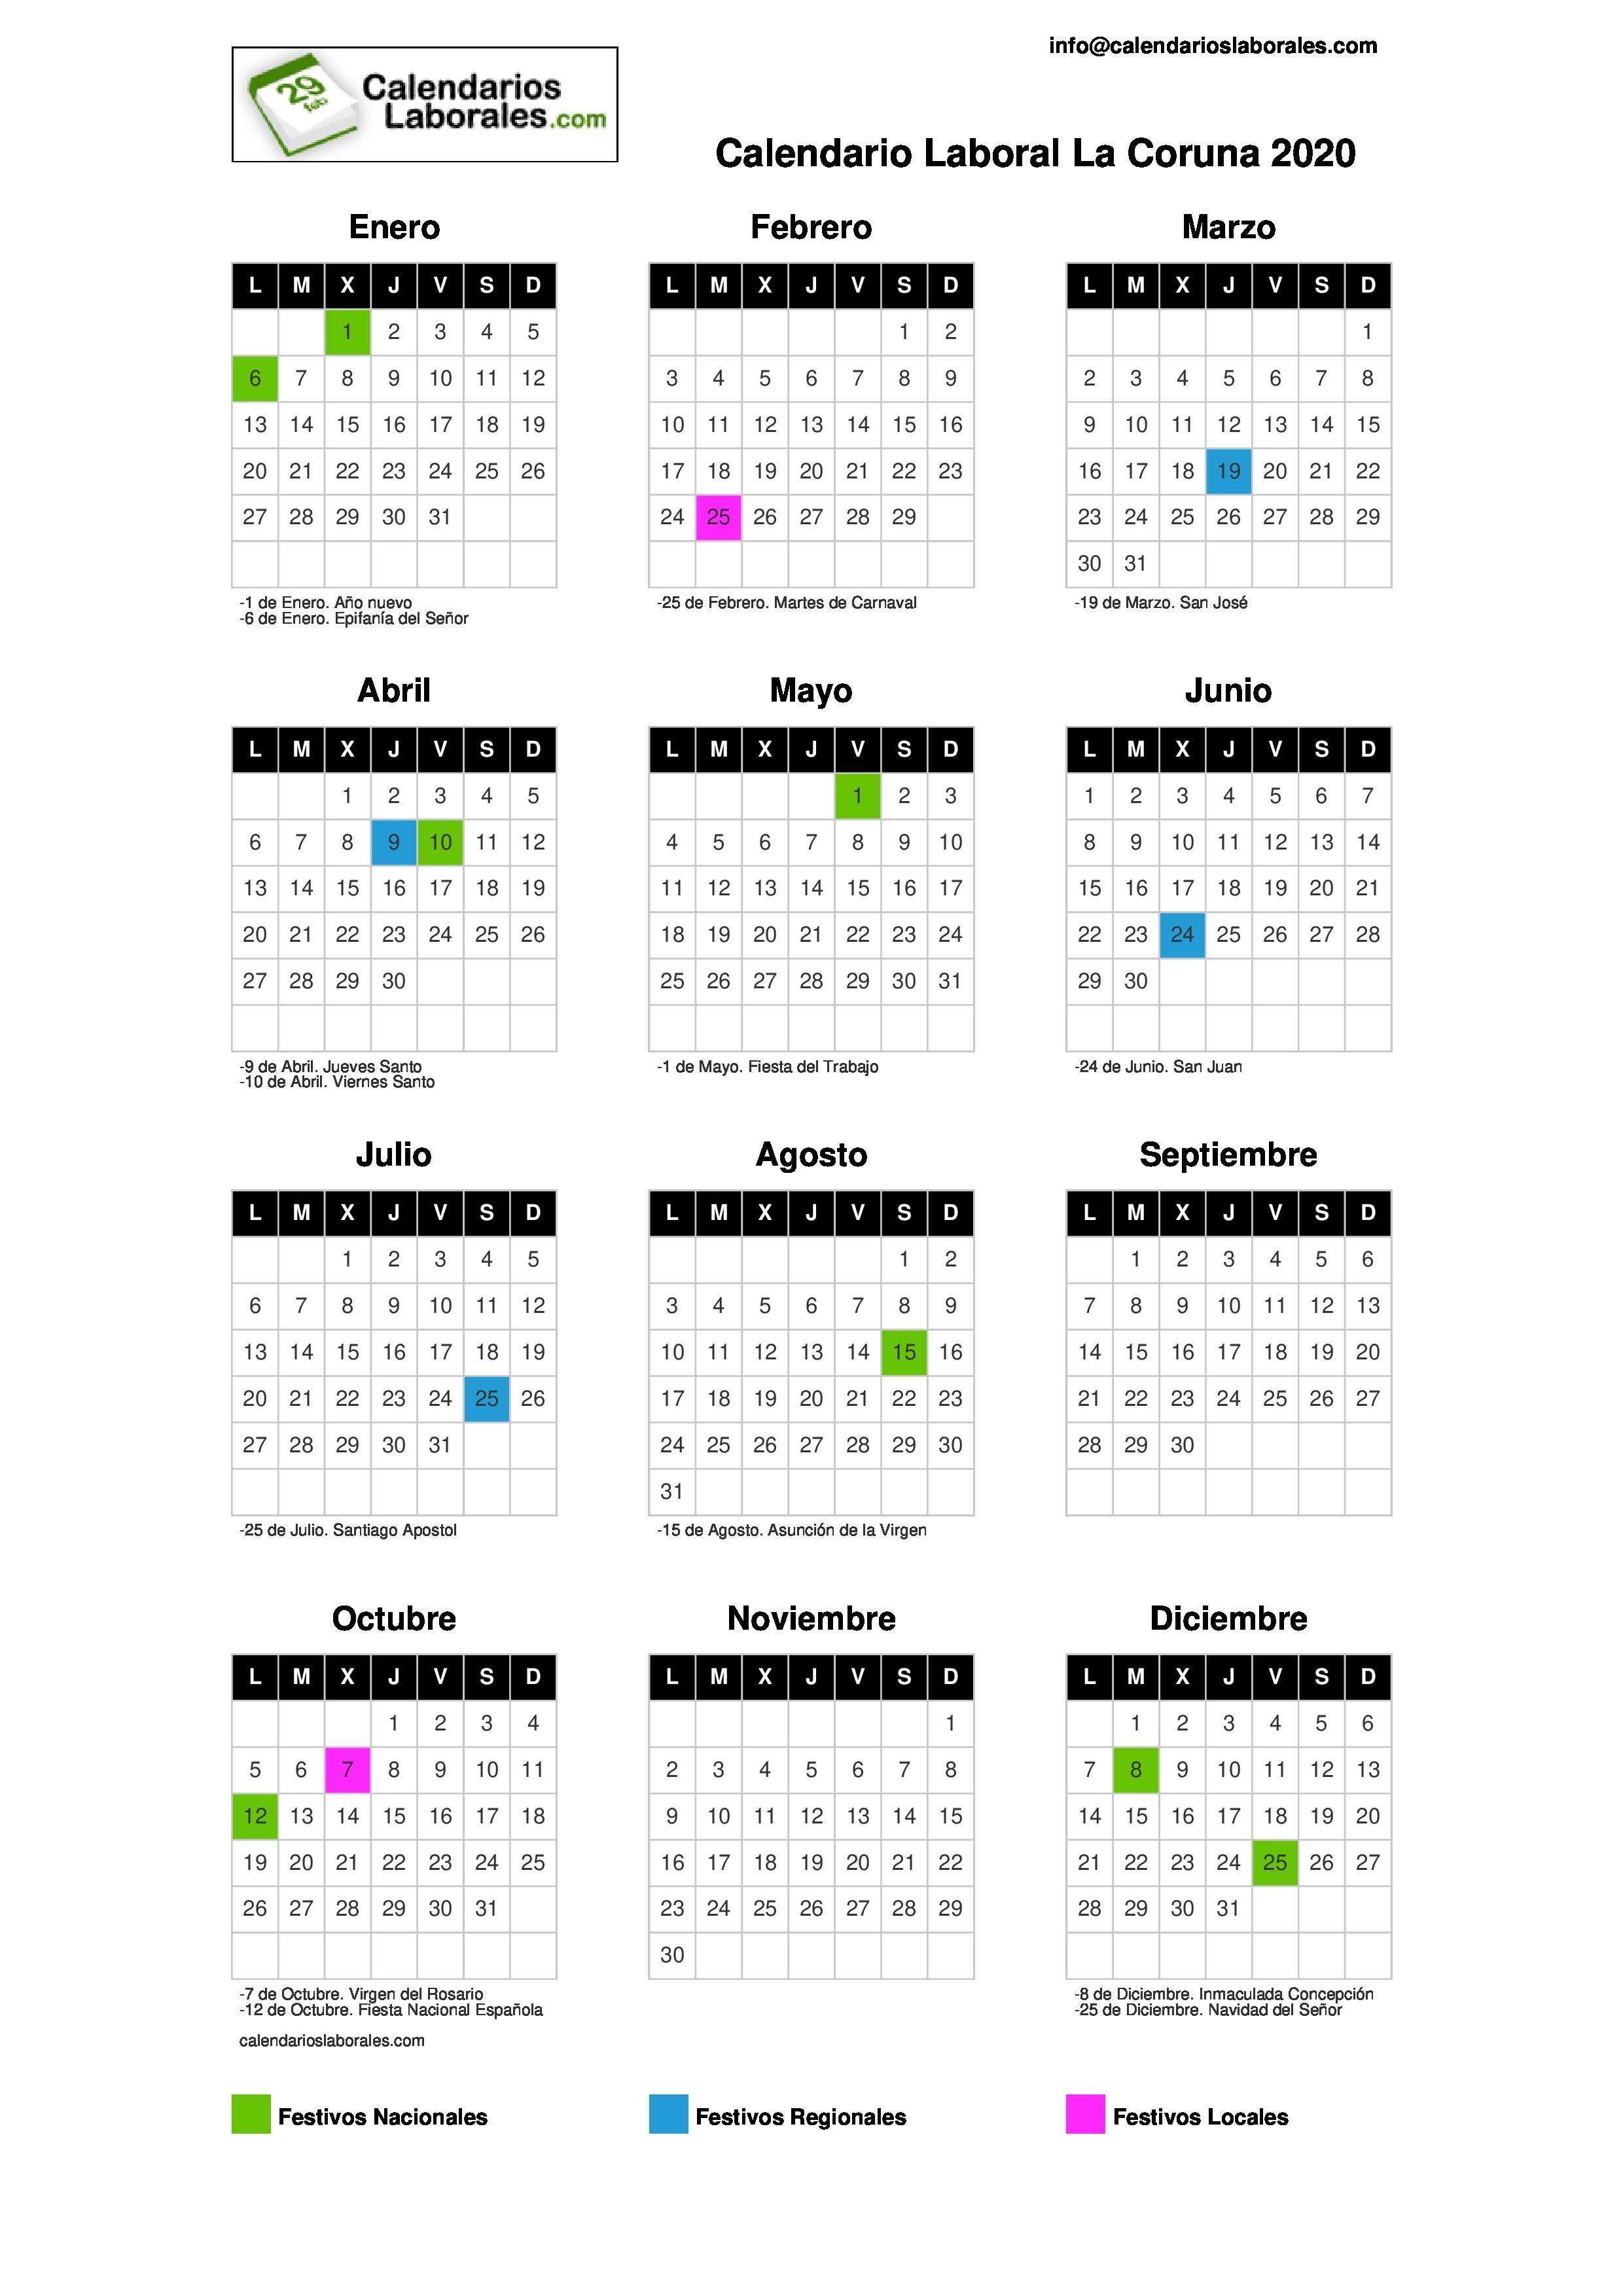 Calendario Laboral Coruña La 2020